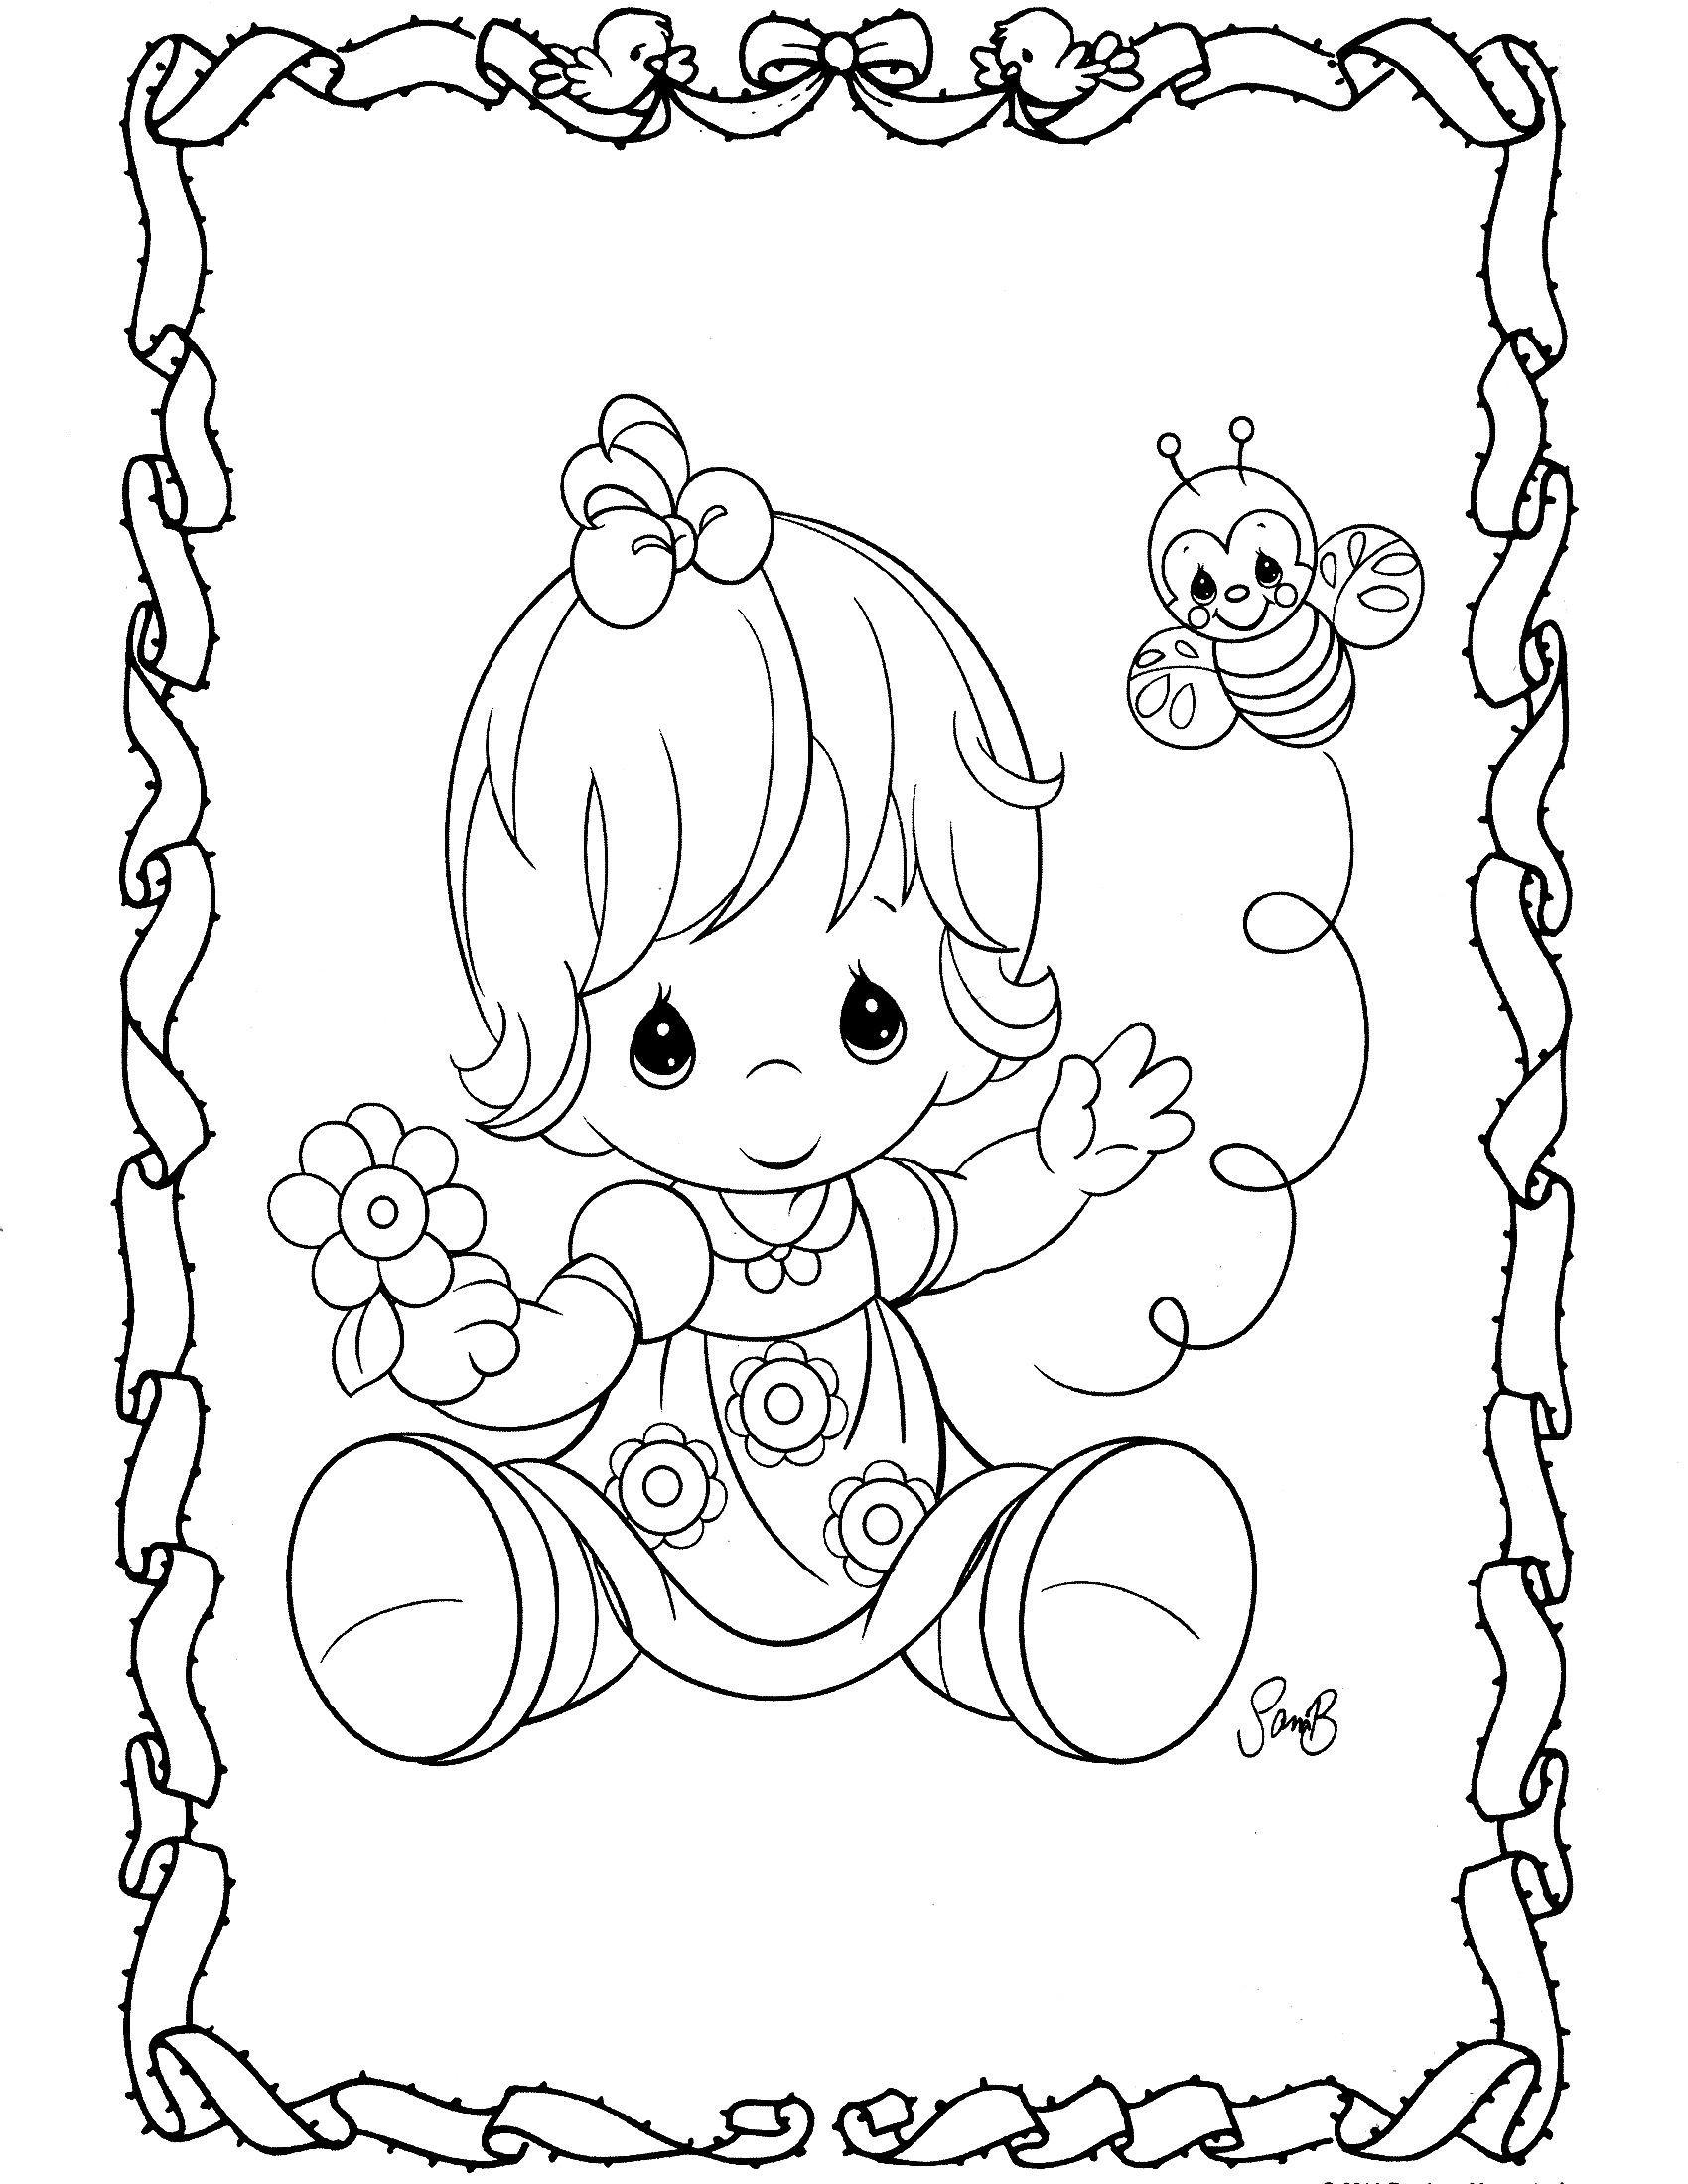 Imagen Relacionada Precious Moments Coloring Pages Angel Coloring Pages Family Coloring Pages